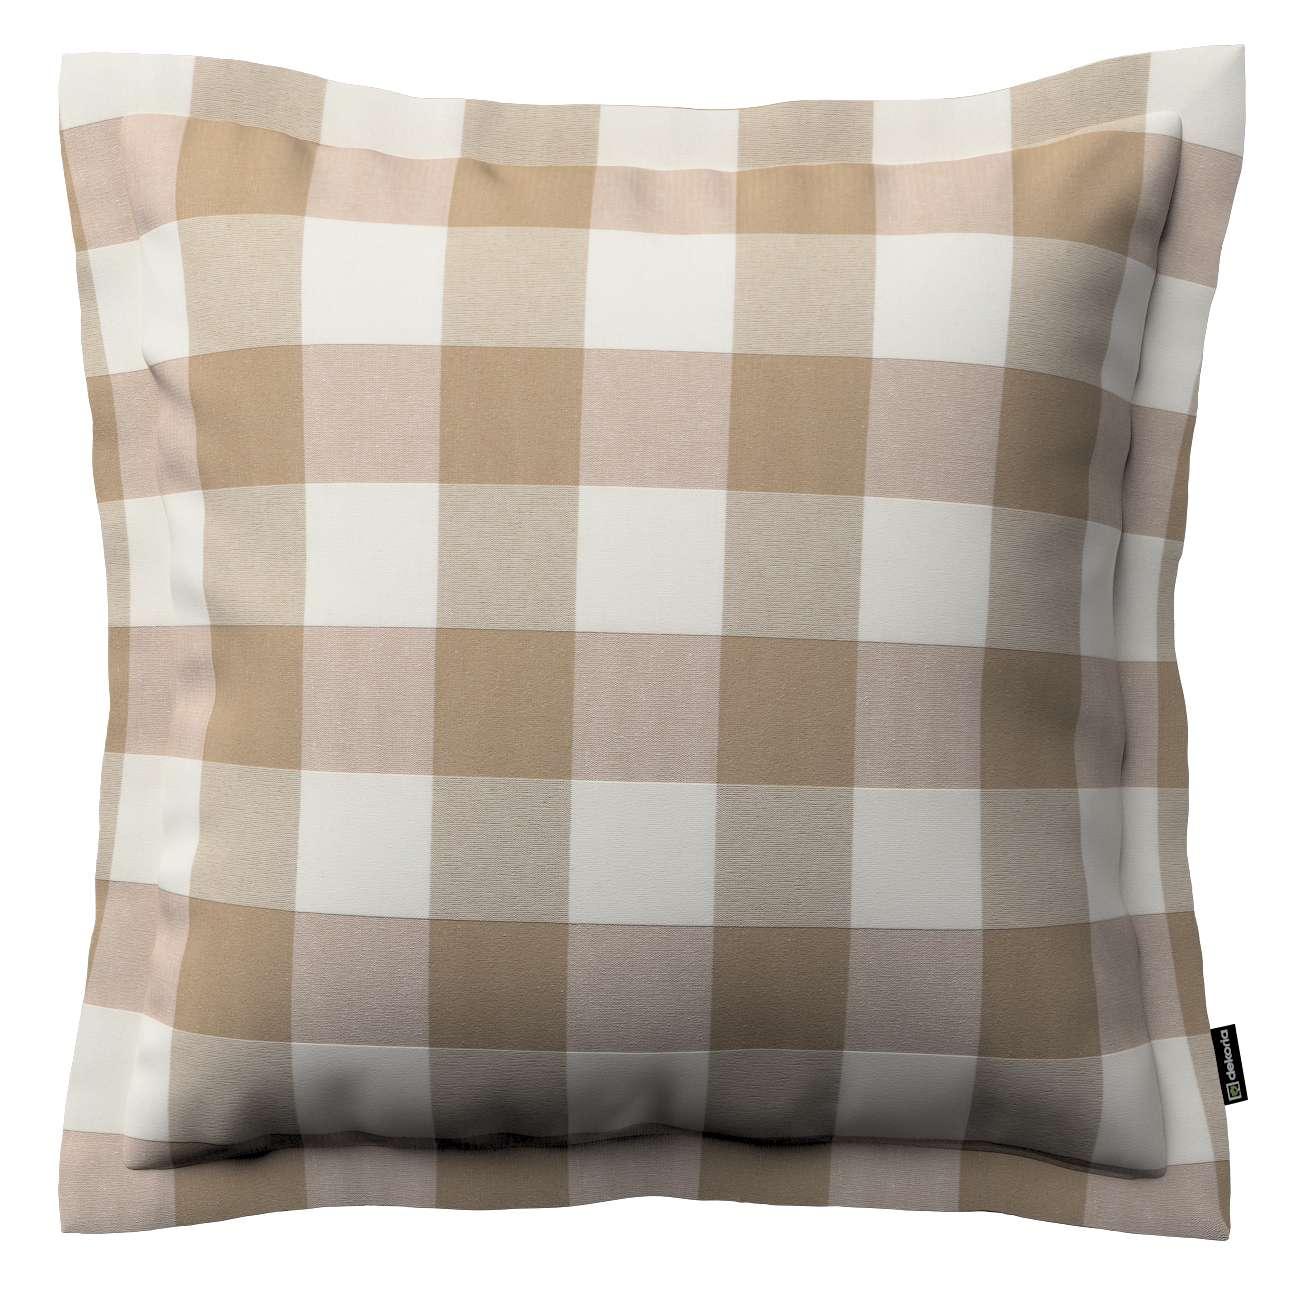 Poszewka Mona na poduszkę 38x38 cm w kolekcji Quadro, tkanina: 136-08